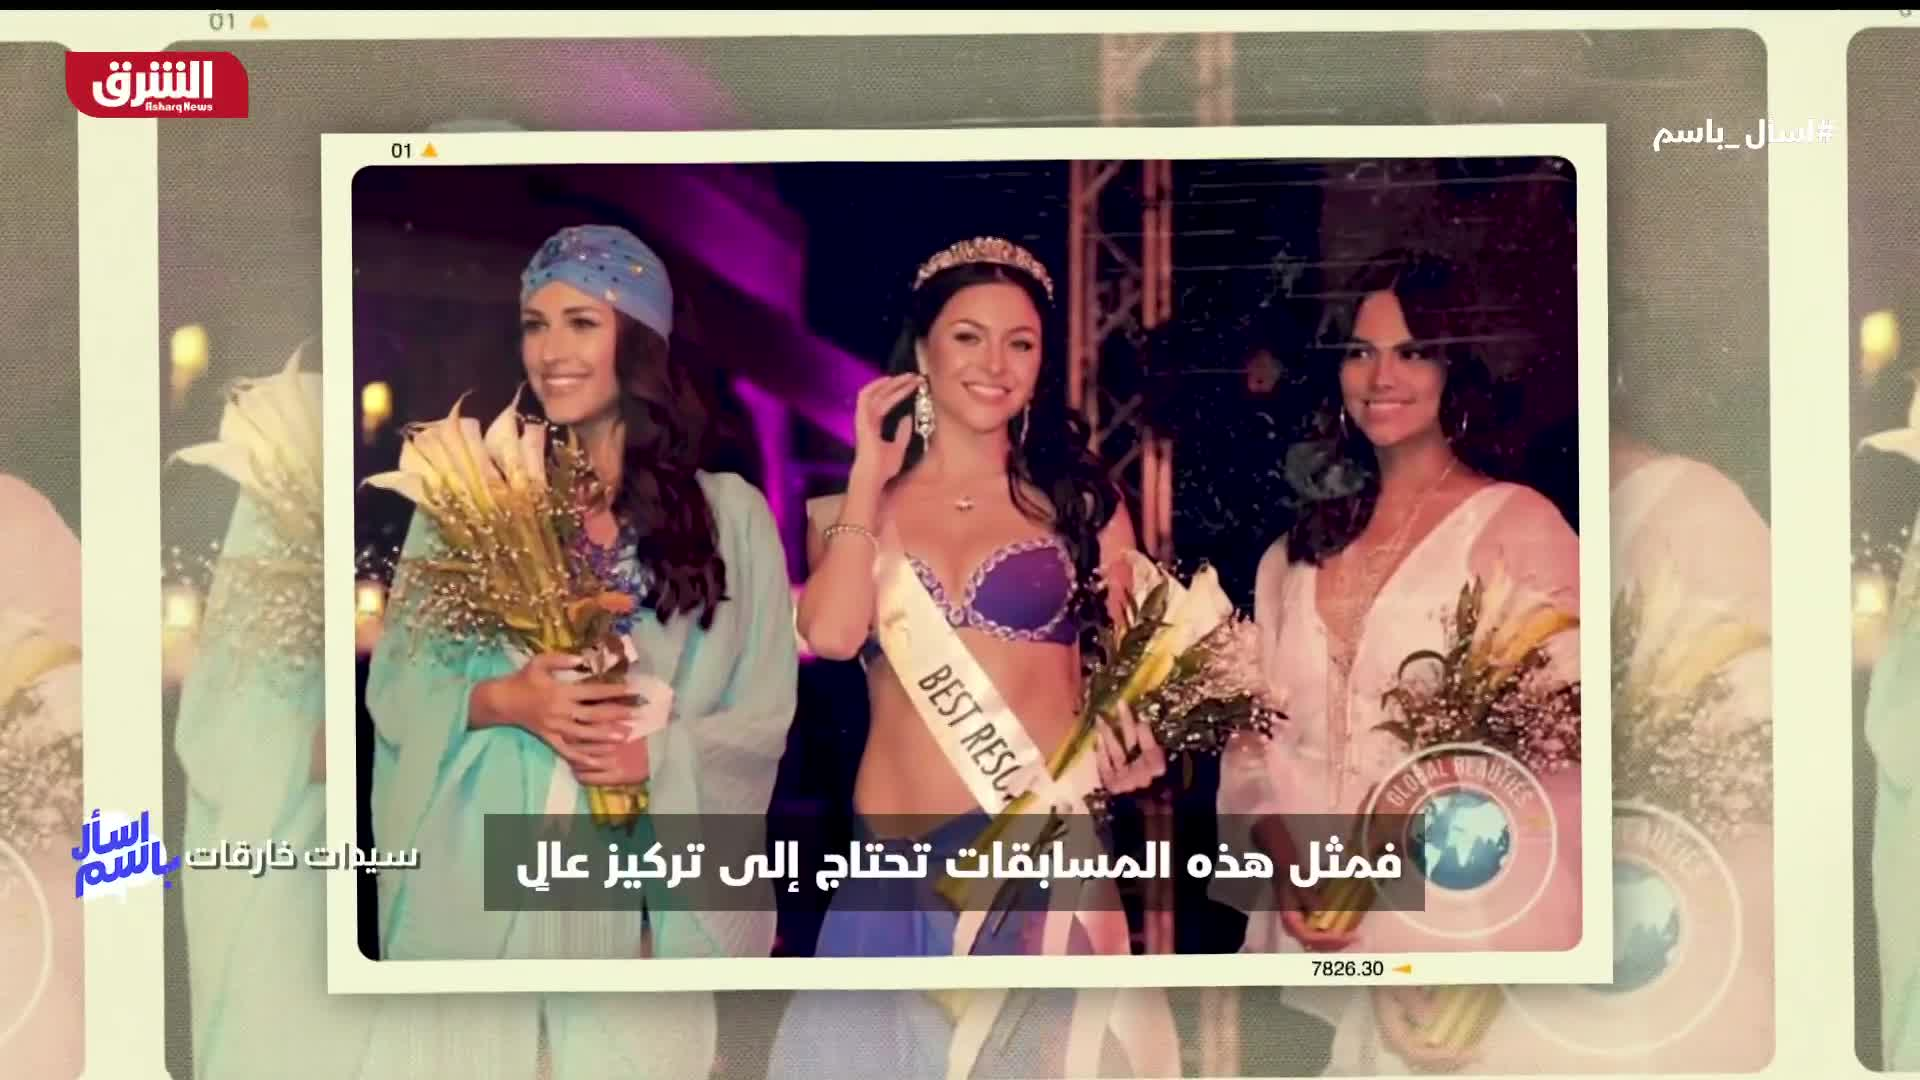 باسم يوسف يلتقي مع ملكة جمال الأرجنتين